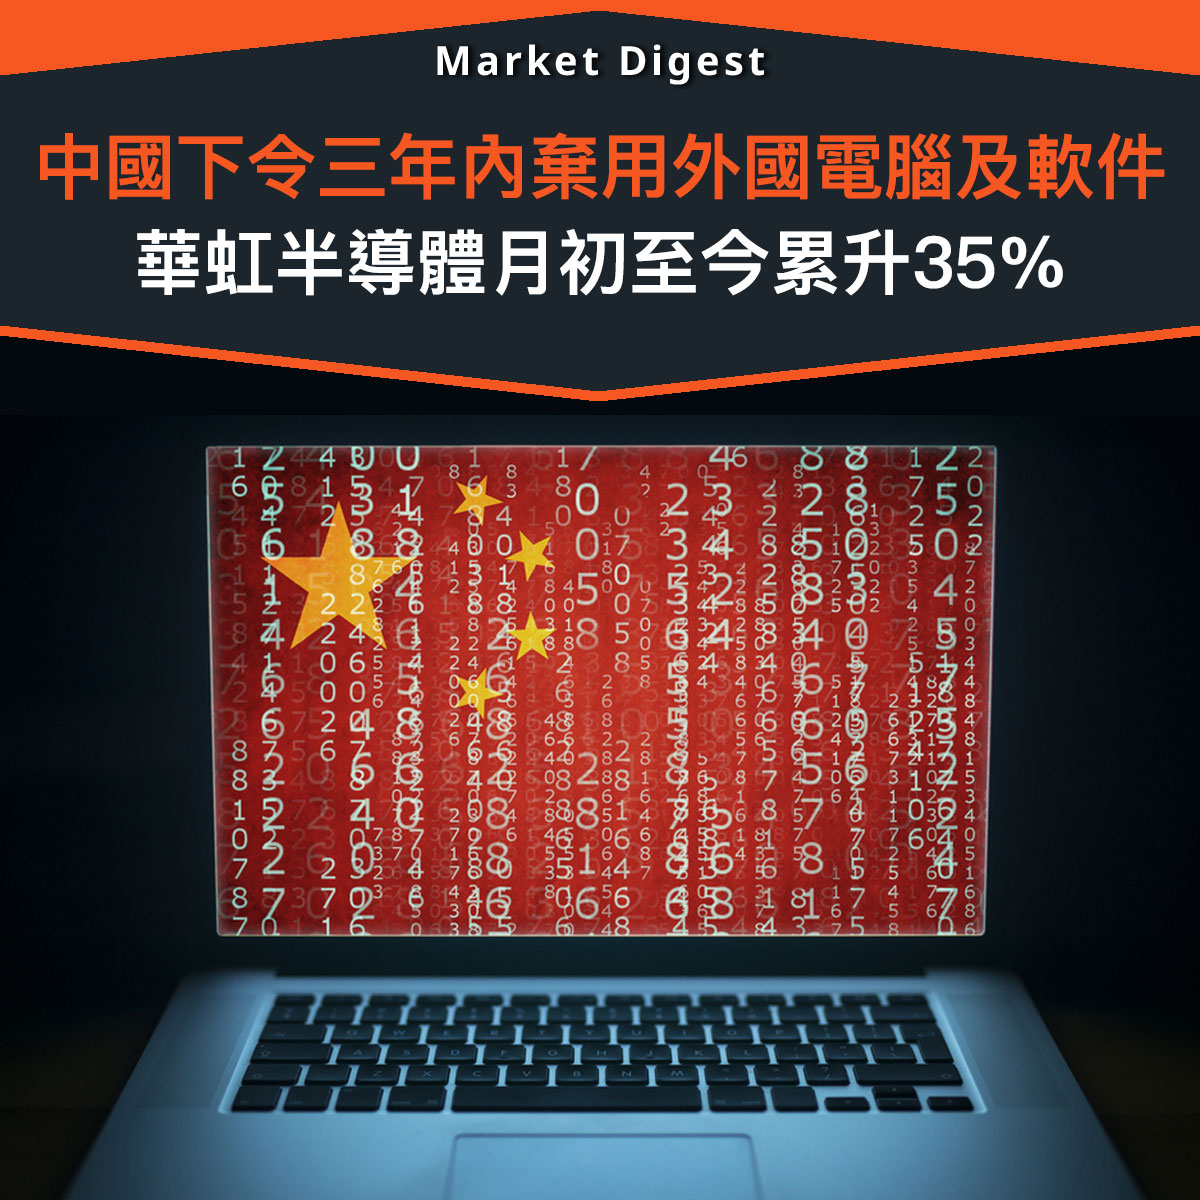 【市場熱話】中國下令三年內棄用外國電腦及軟件,華虹半導體月初至今累升35%